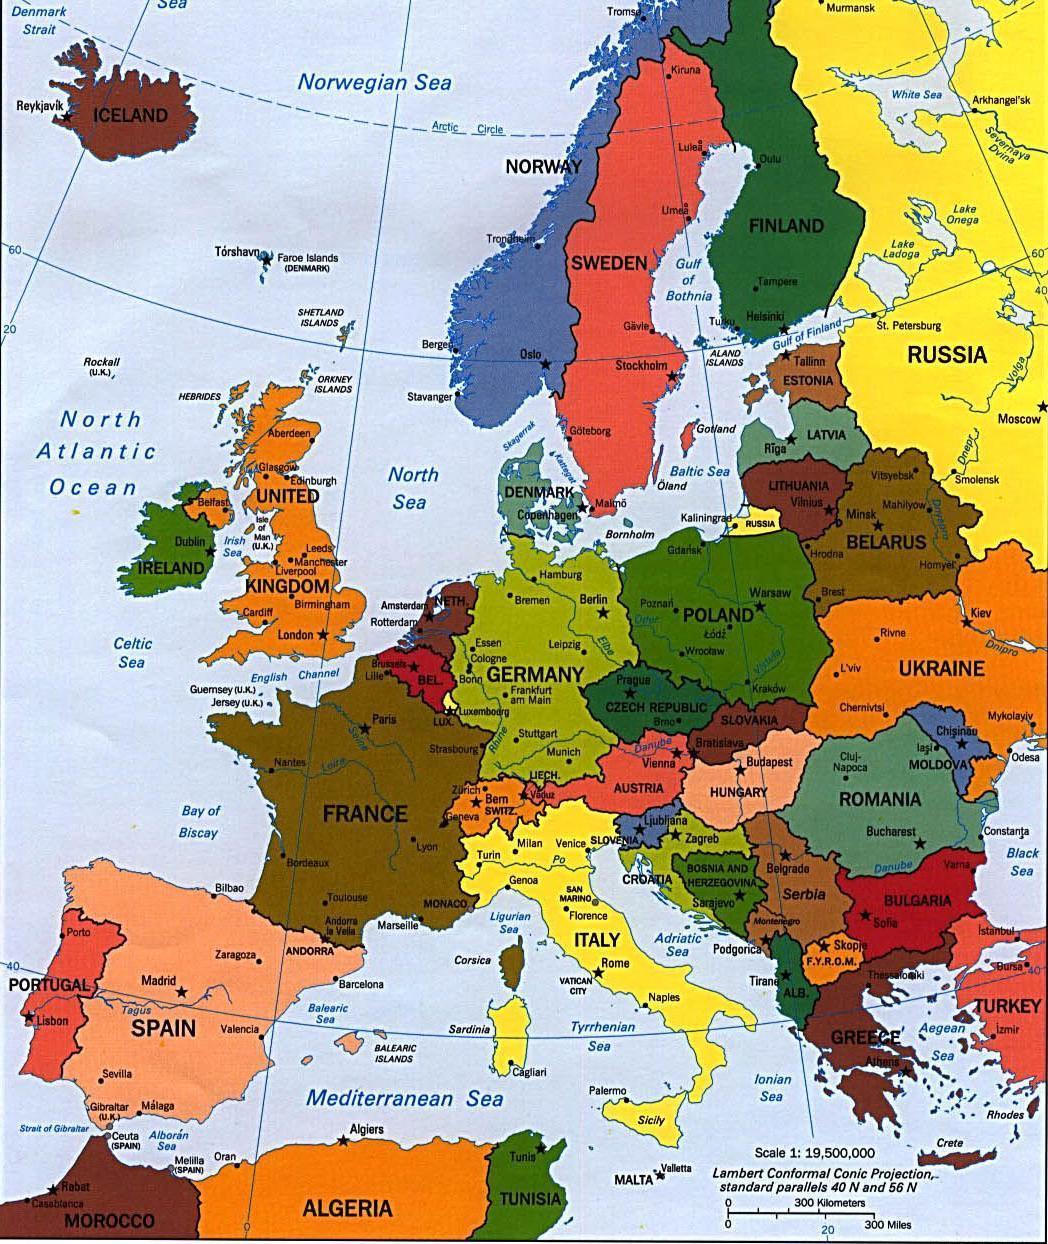 Cartina Geografica Europa Ovest.Civico20 News Se L Europa Provasse A Giocare All Inglese